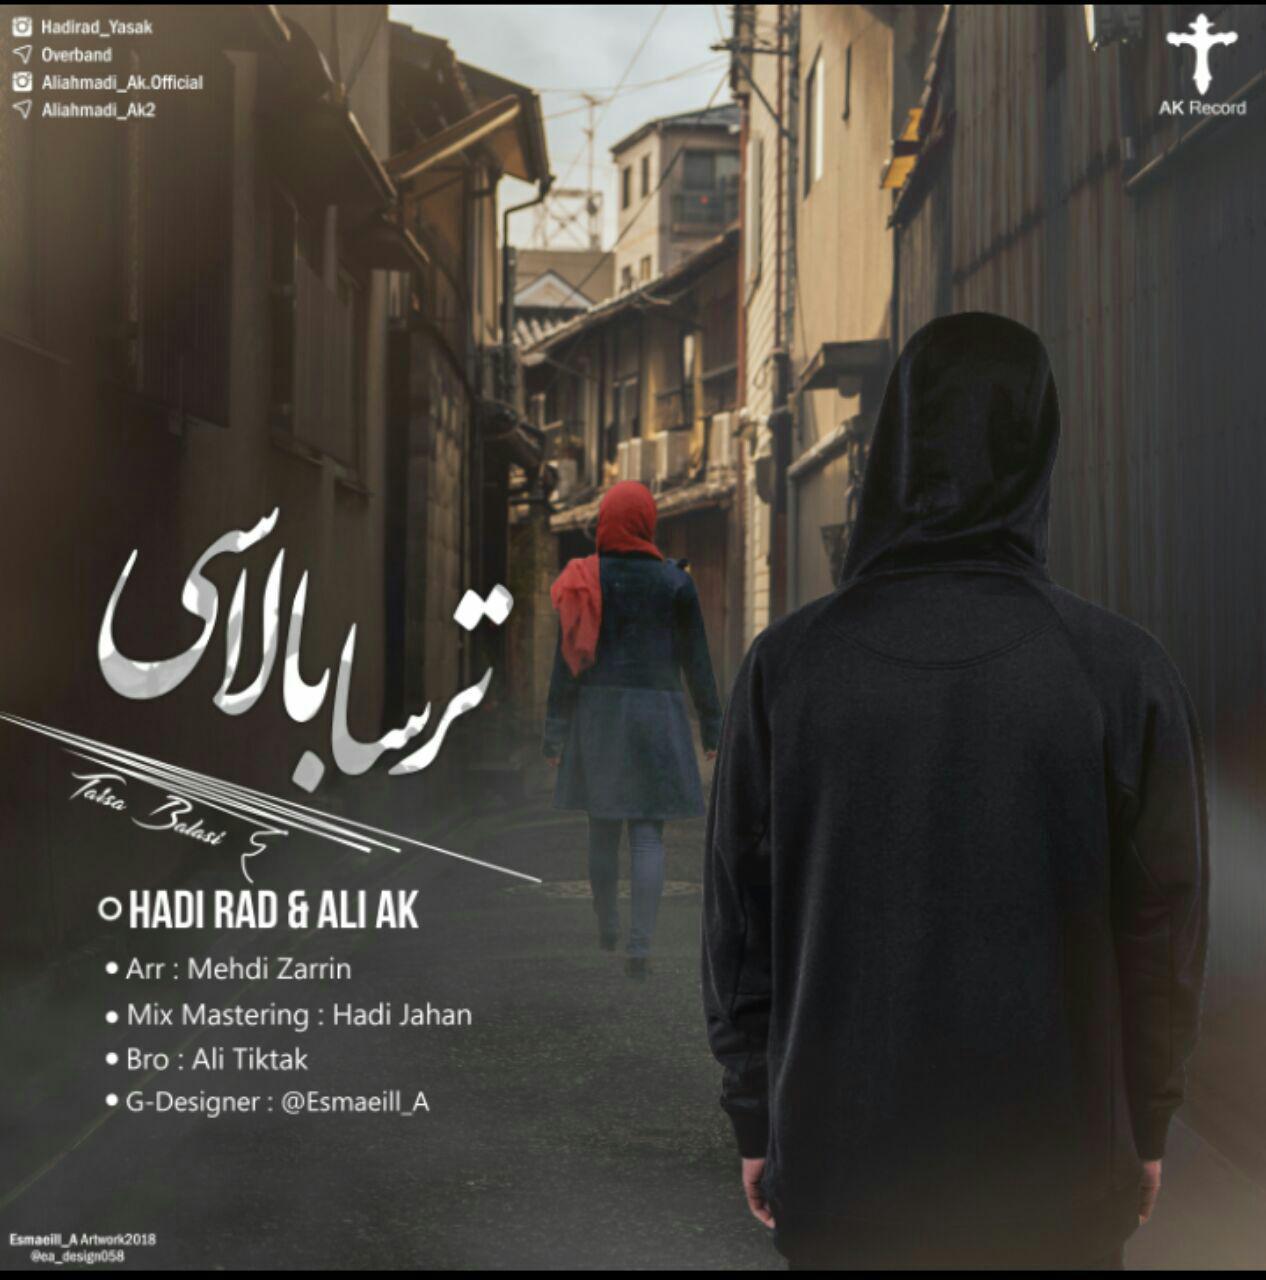 http://s8.picofile.com/file/8324203318/25Hadi_Rad_Ft_Ali_A_K_Reza_Mazloomi_Tarsa_Balasi.jpg